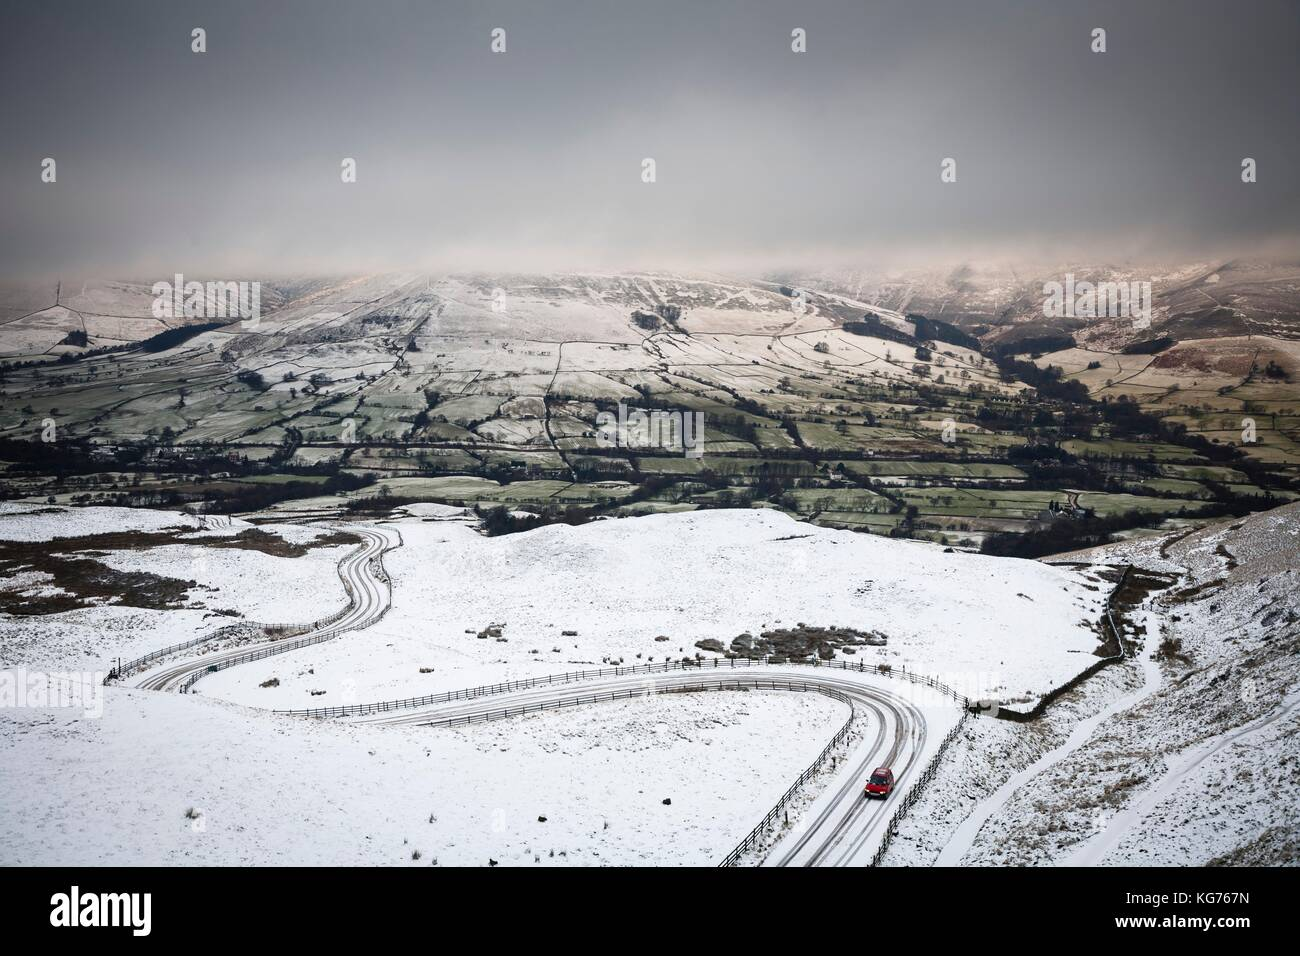 Un coche por una carretera de montaña cubiertas de nieve en invierno. edale valle, Peak District, reino unido Foto de stock